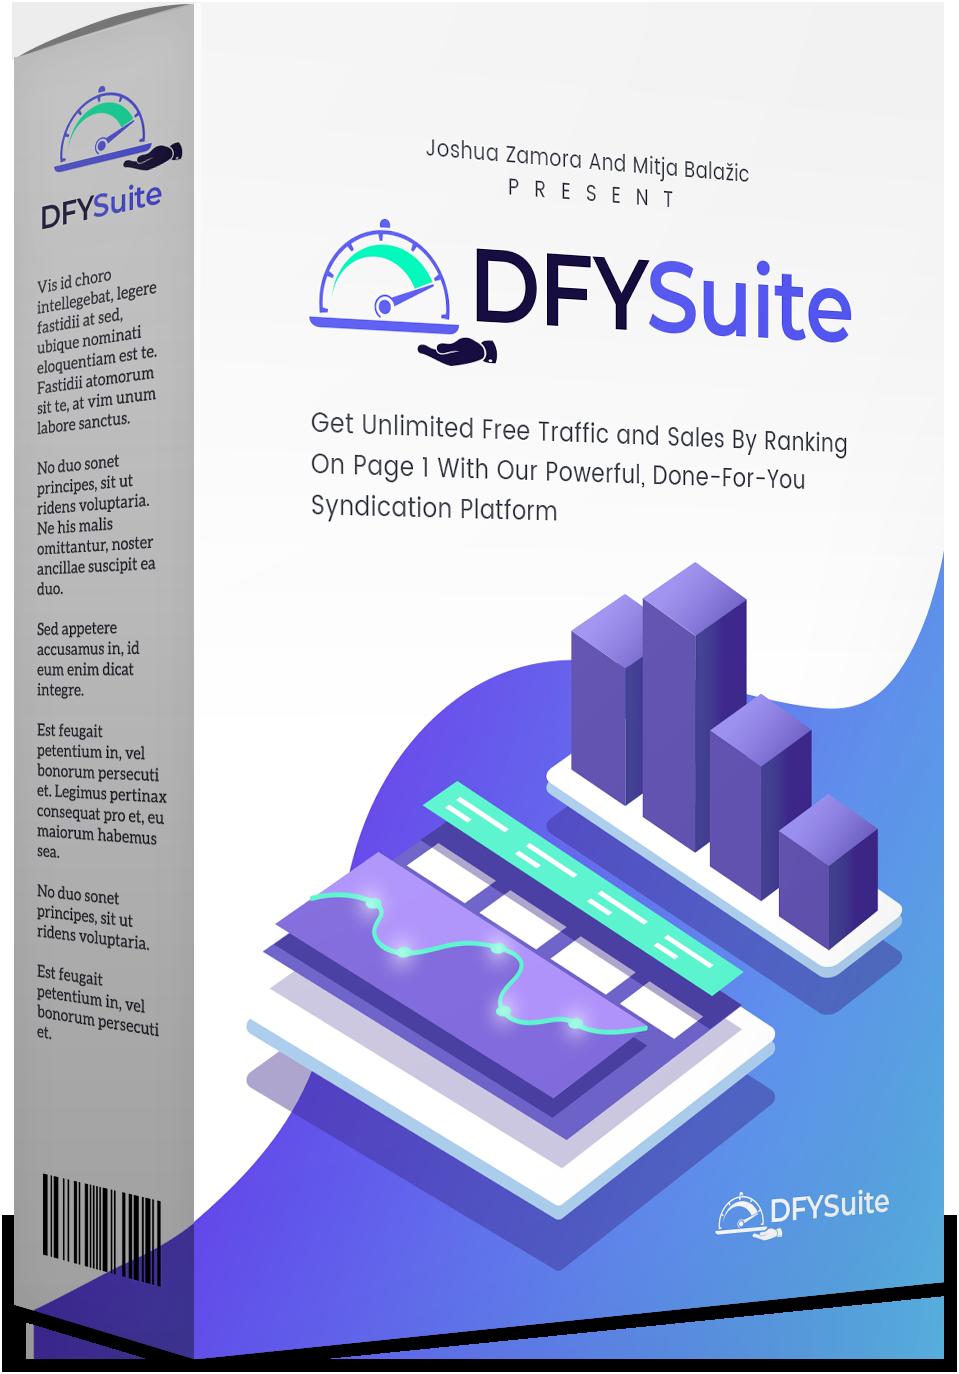 DFY Suite 2.0